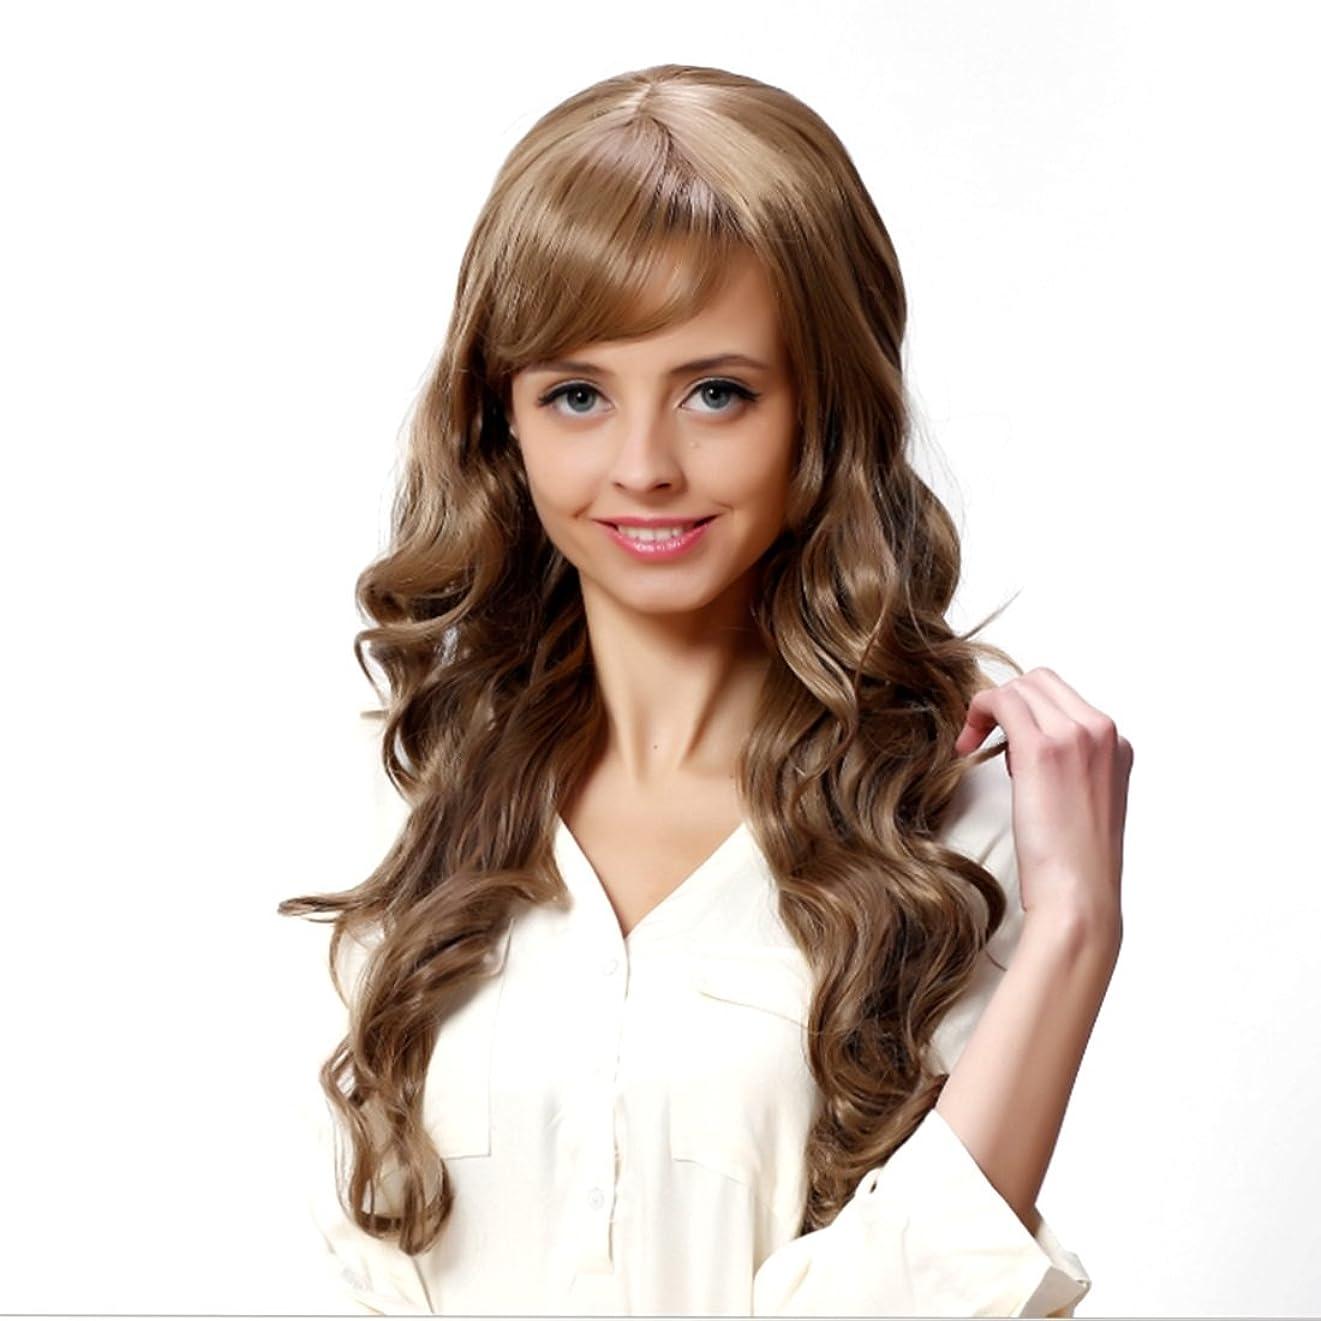 いま不快かび臭いKoloeplf 女性のための現実的な大きな波状の長い縮毛のかつらフルサイズの頭のカーリーヘアフラフリな梨のフラワーウィッグ修正された顔の長さ21inch / 22inch(ブラウンブラック/ベージュ)のための斜めバンズウィッグ (Color : ブラウン)